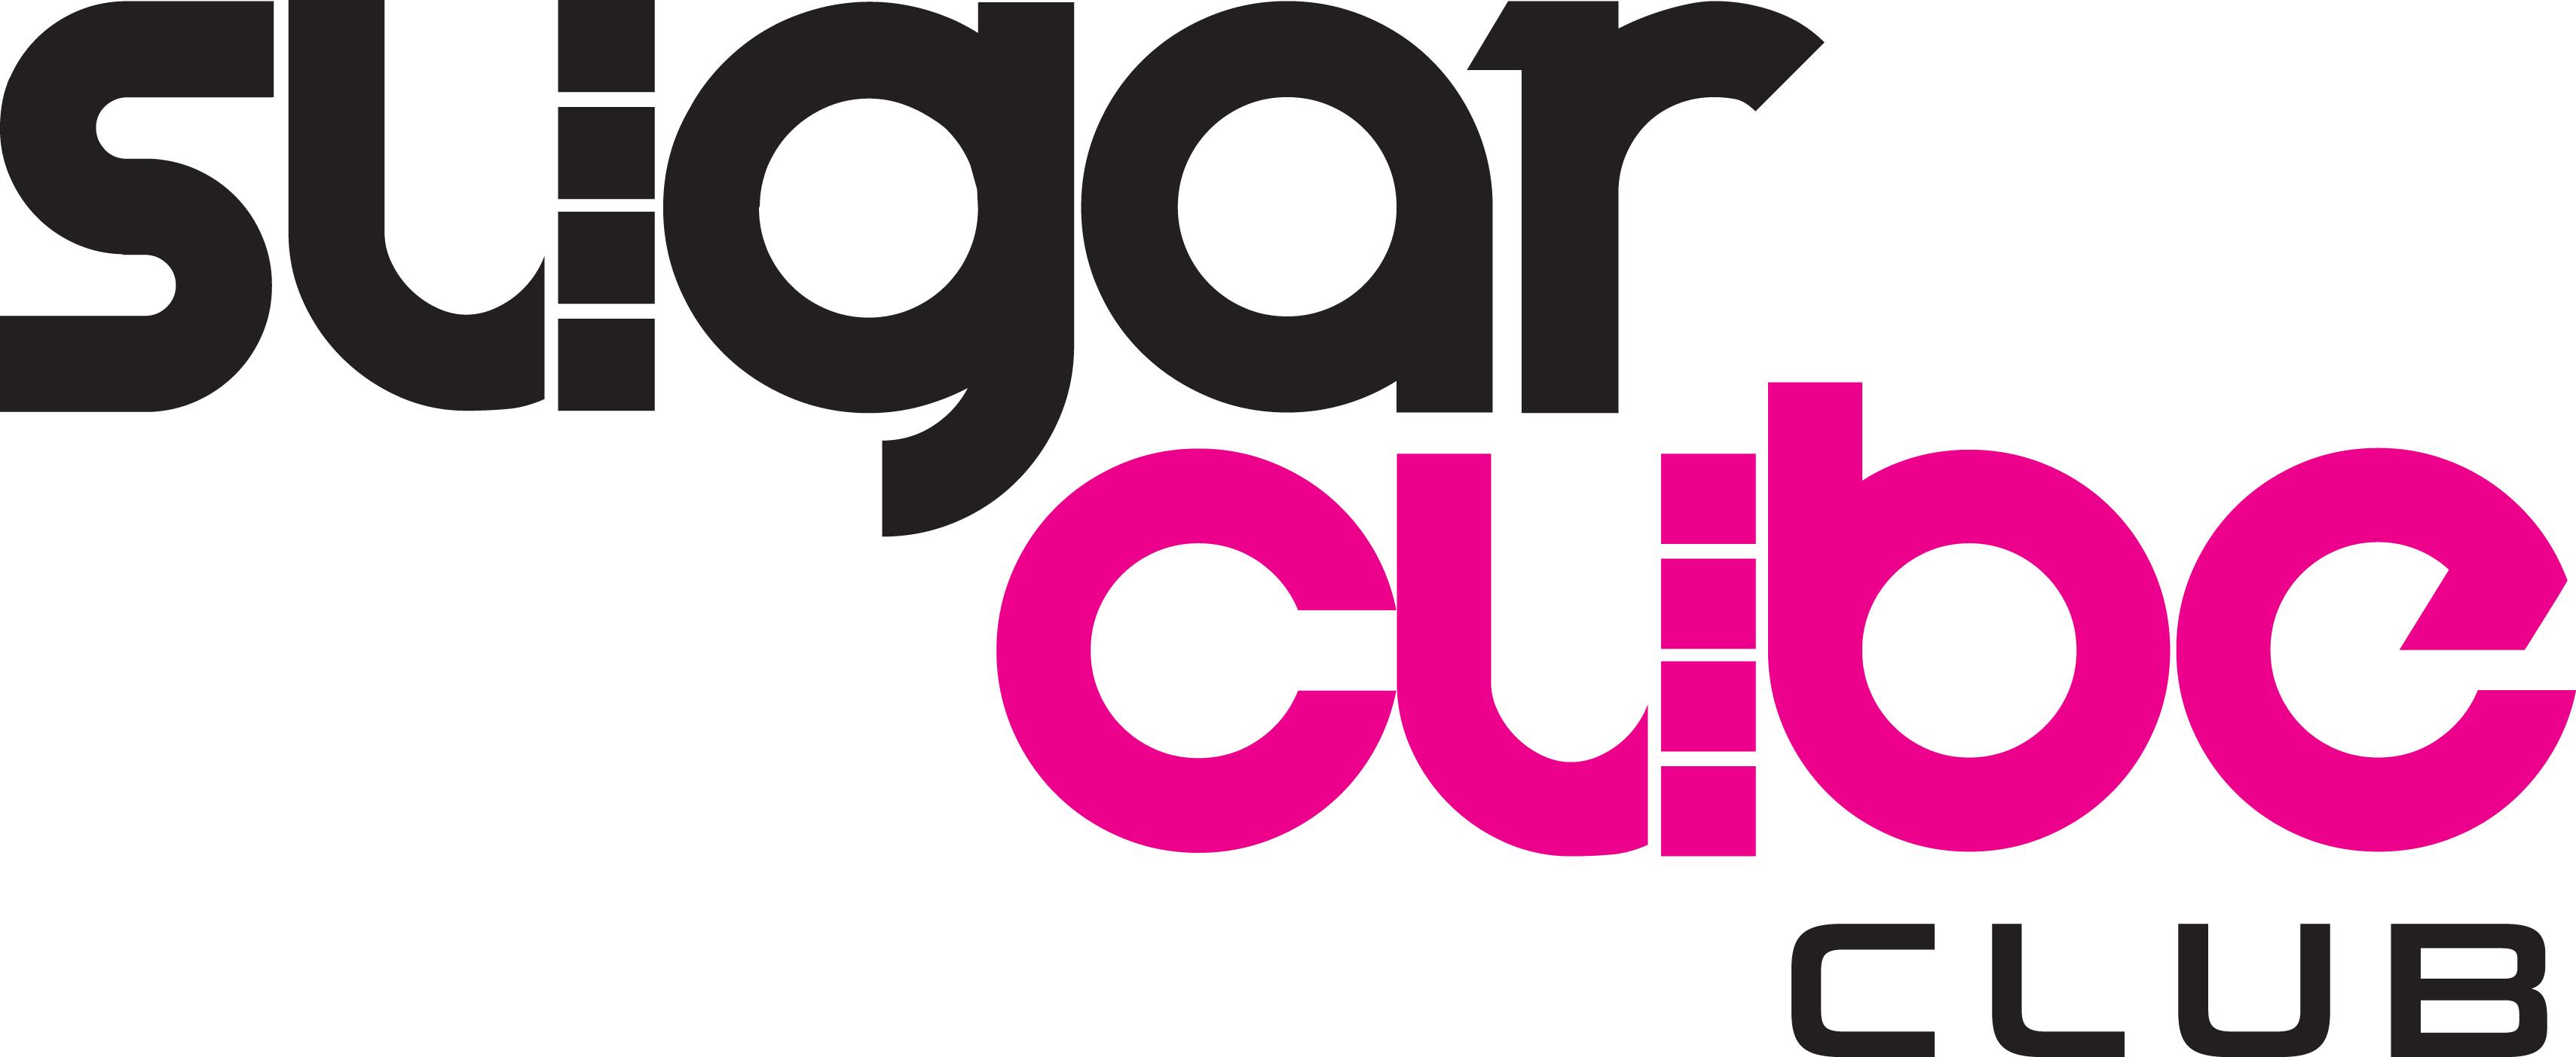 sugarcube logo3